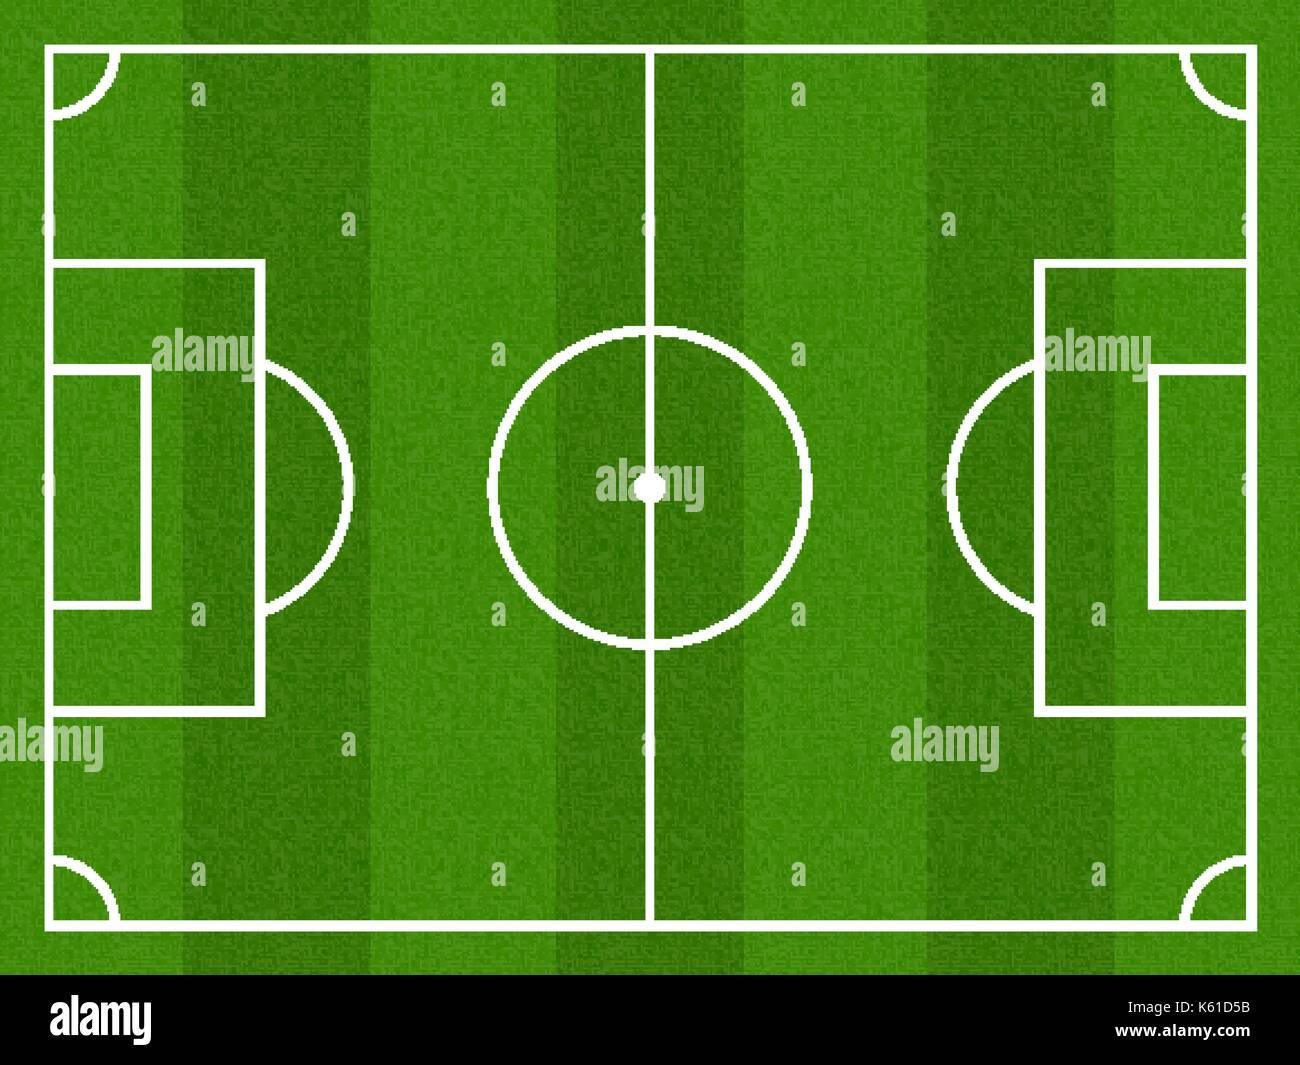 Fussball Feld Realistische Textur Von Einem Grunen Rasen